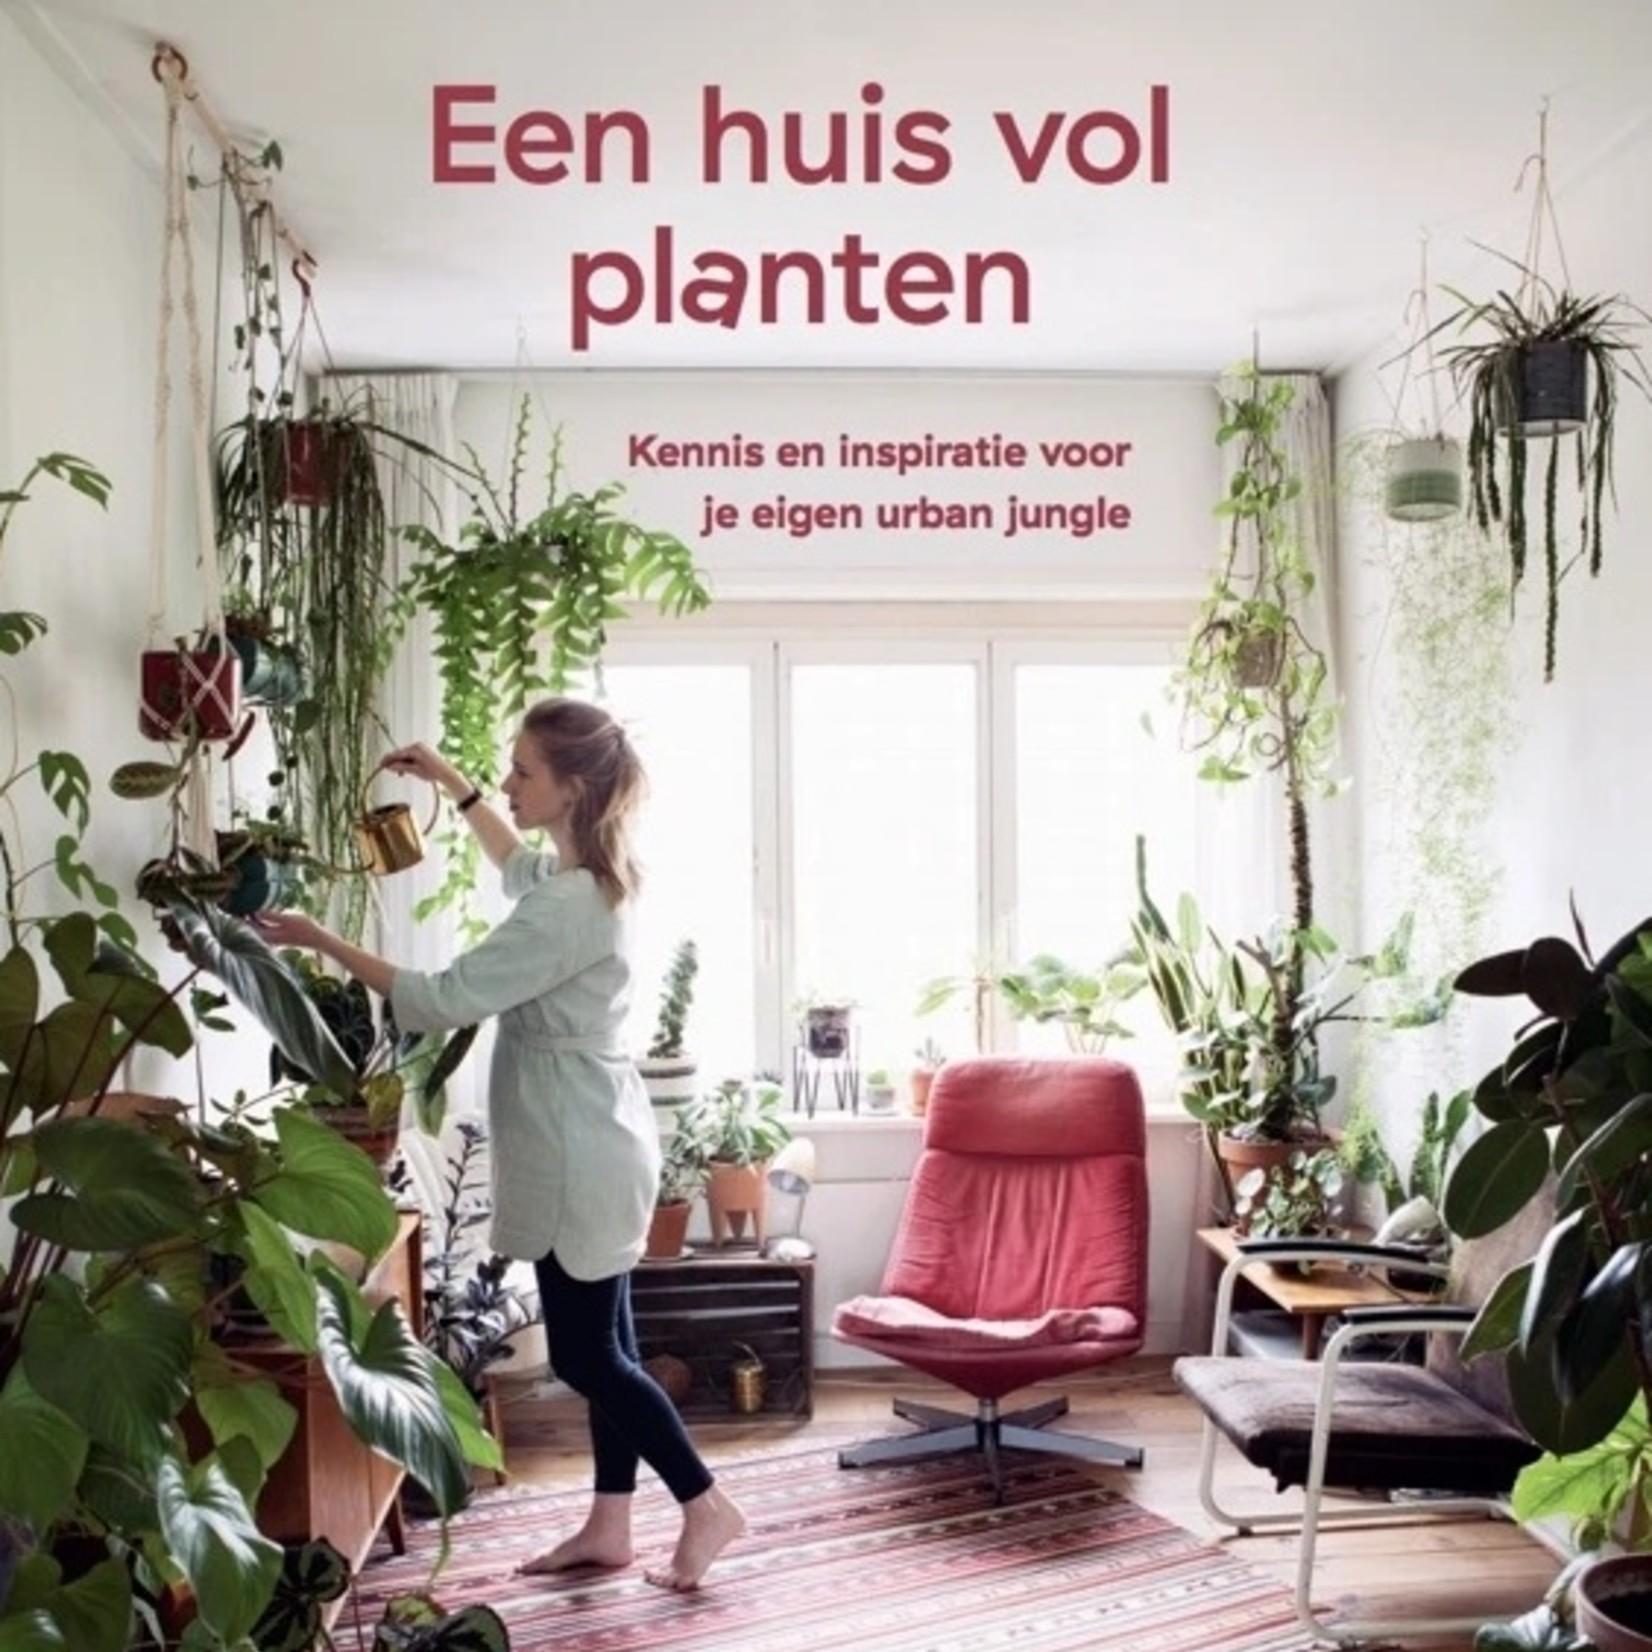 Een huis vol planten